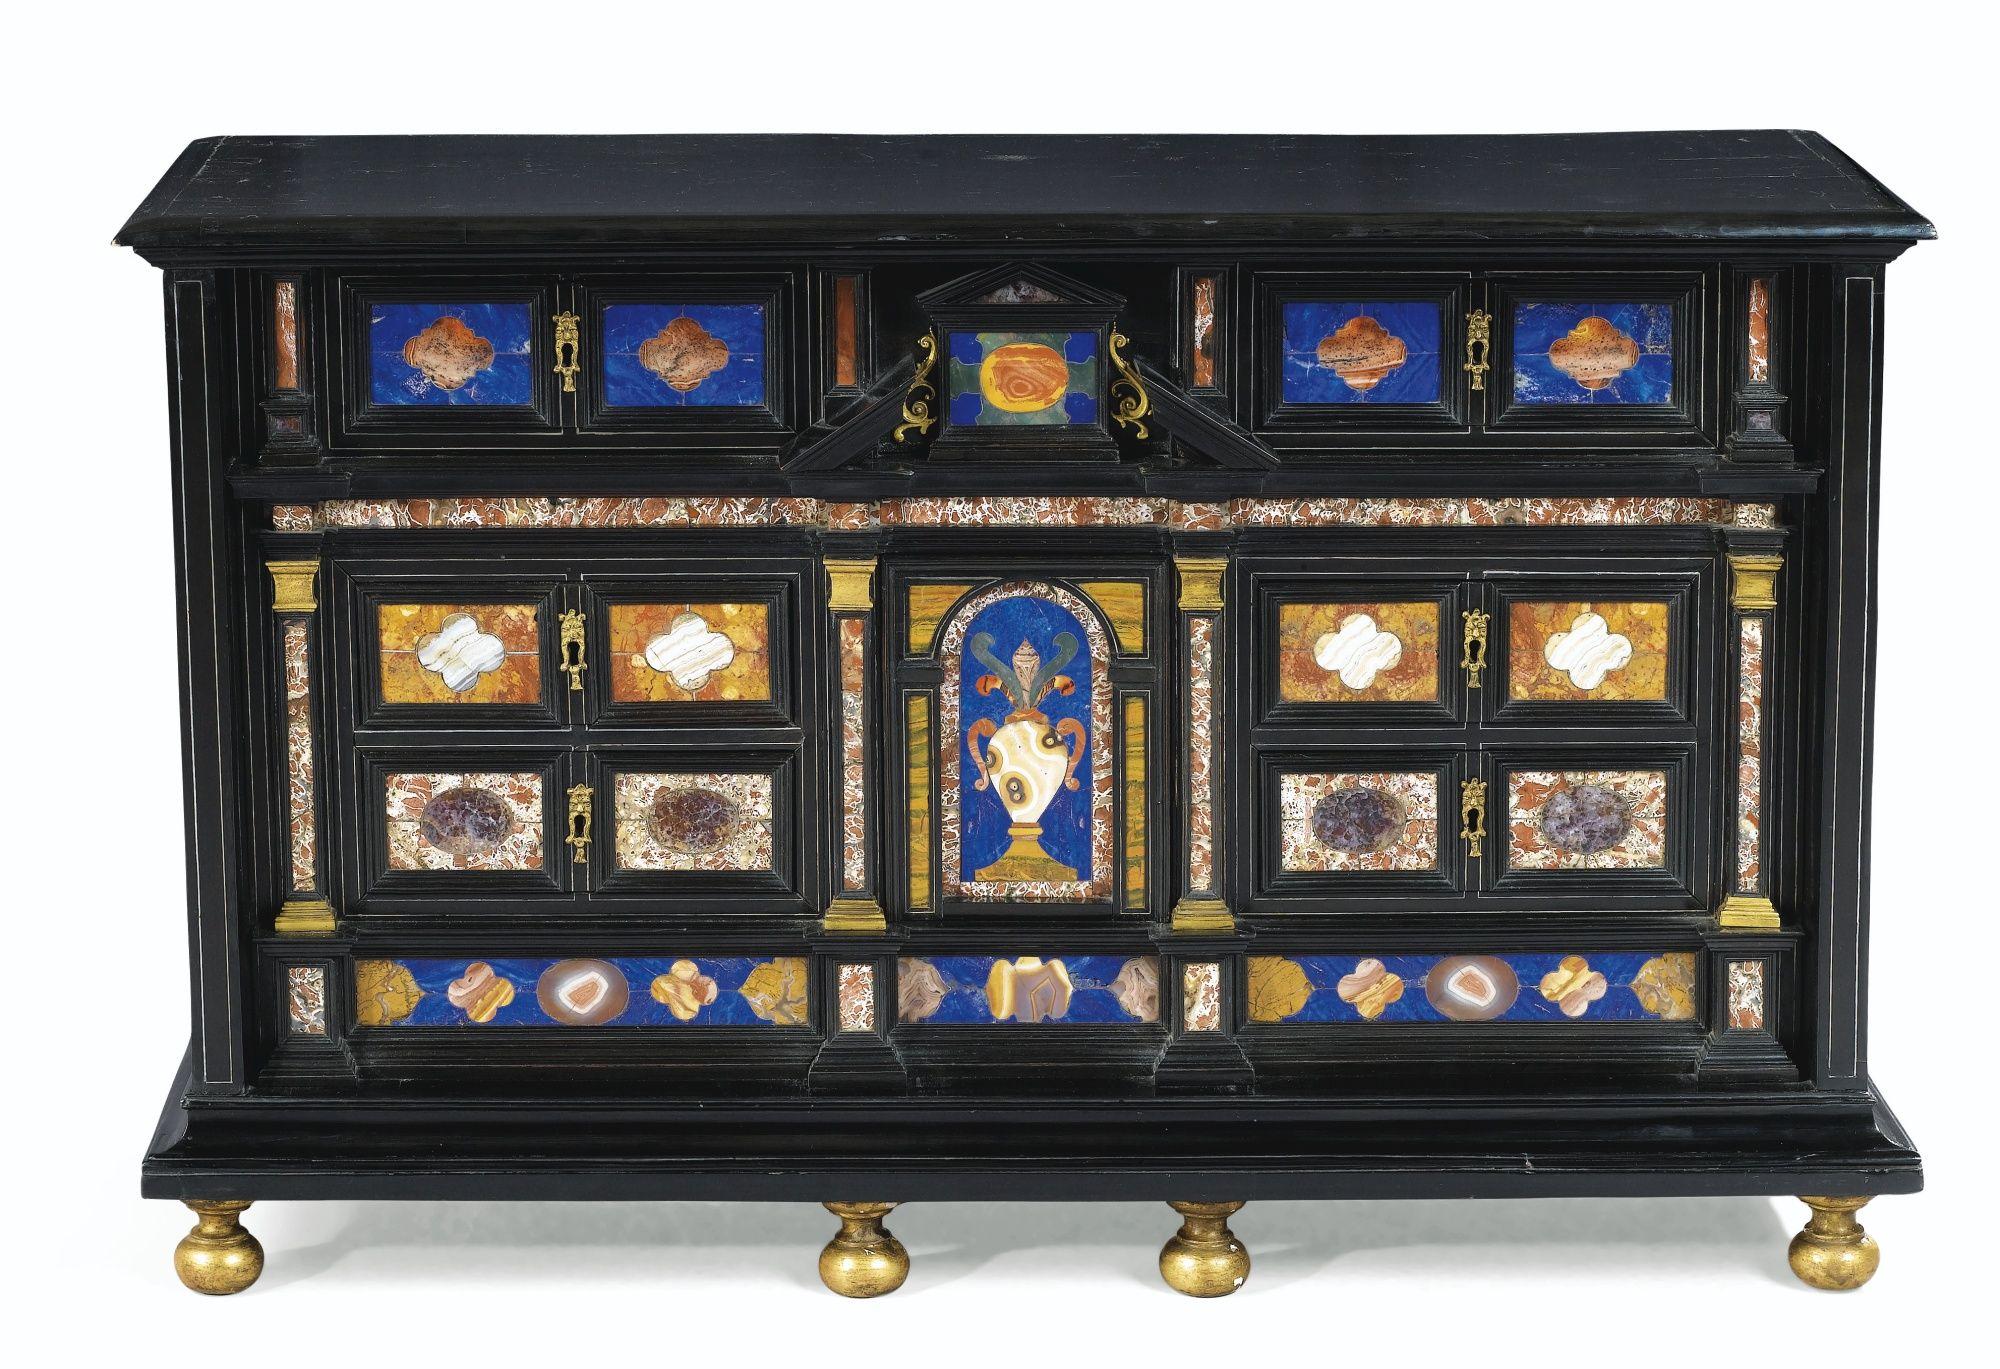 Cabinet en placage d'ébène et marqueterie de pierres dures, travail romain du second quart du XVIIe siècle | Lot | Sotheby's